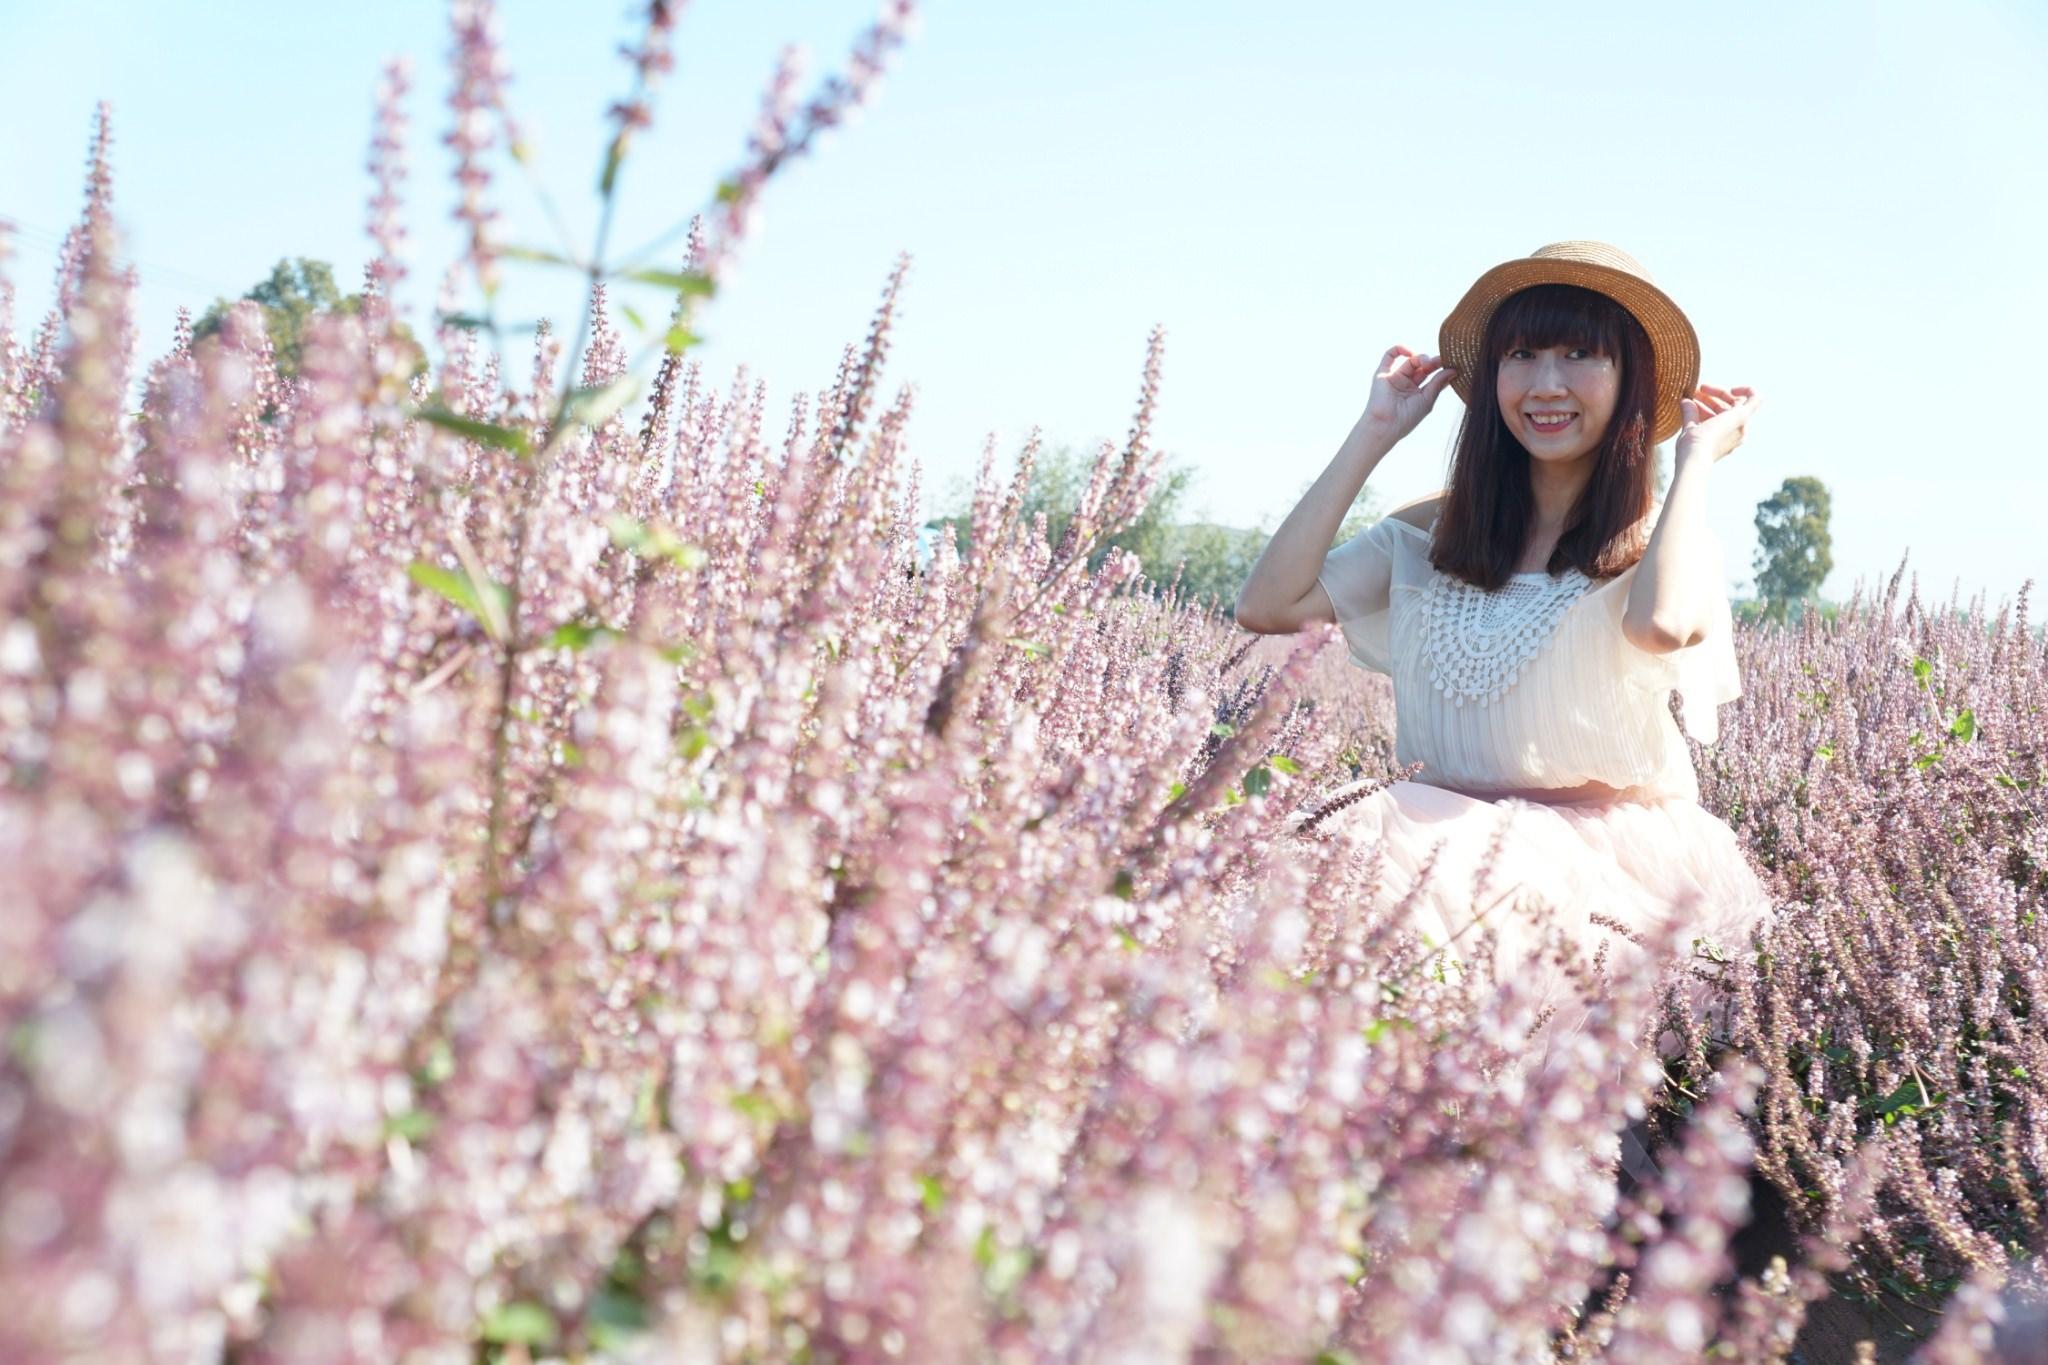 20181203234700 71 - [桃園花彩節]紫色仙草花田夢幻登場  一起拍出日雜感照片